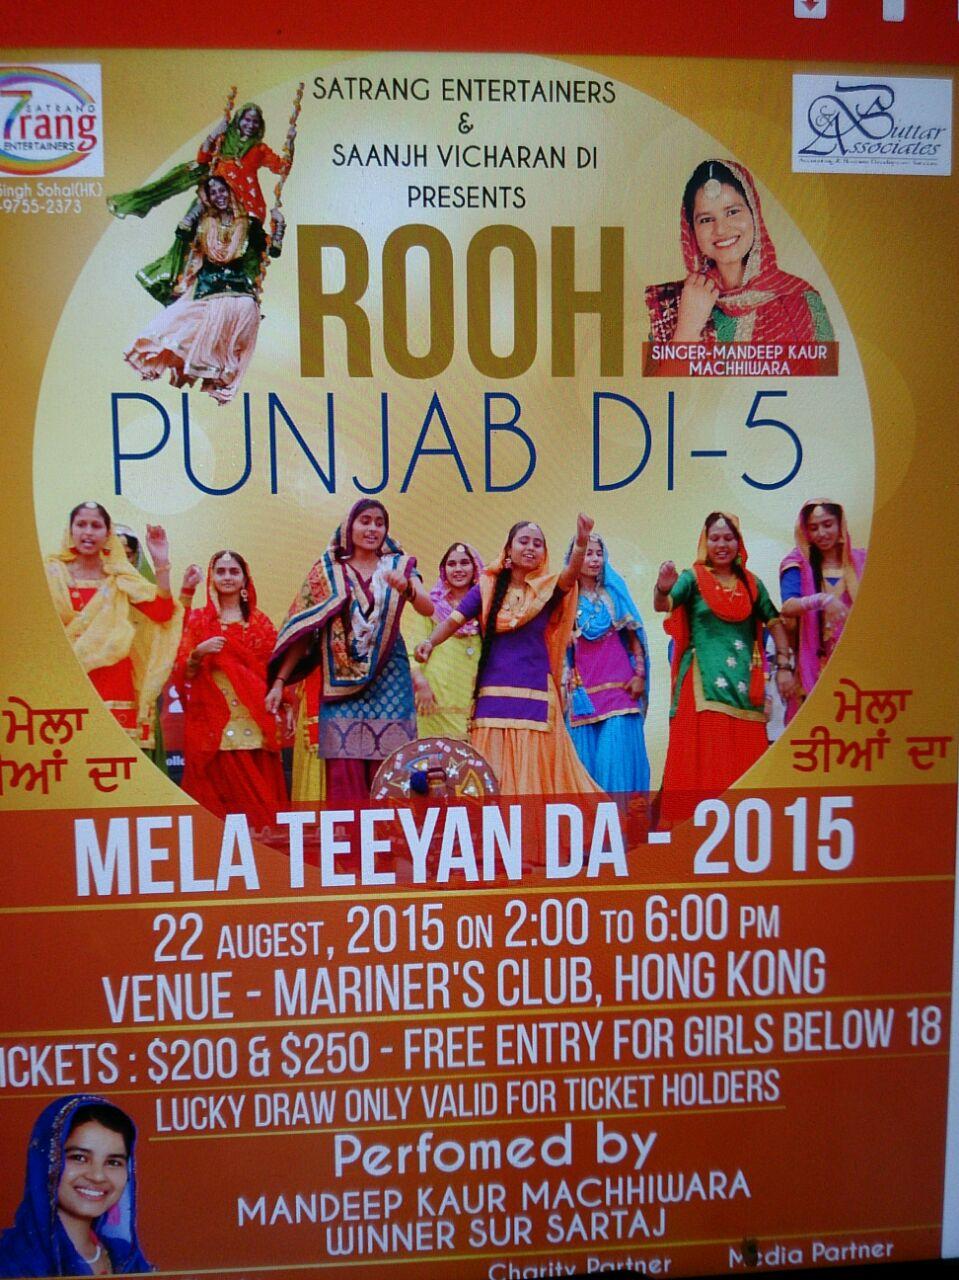 Rooh Punjab Di 5